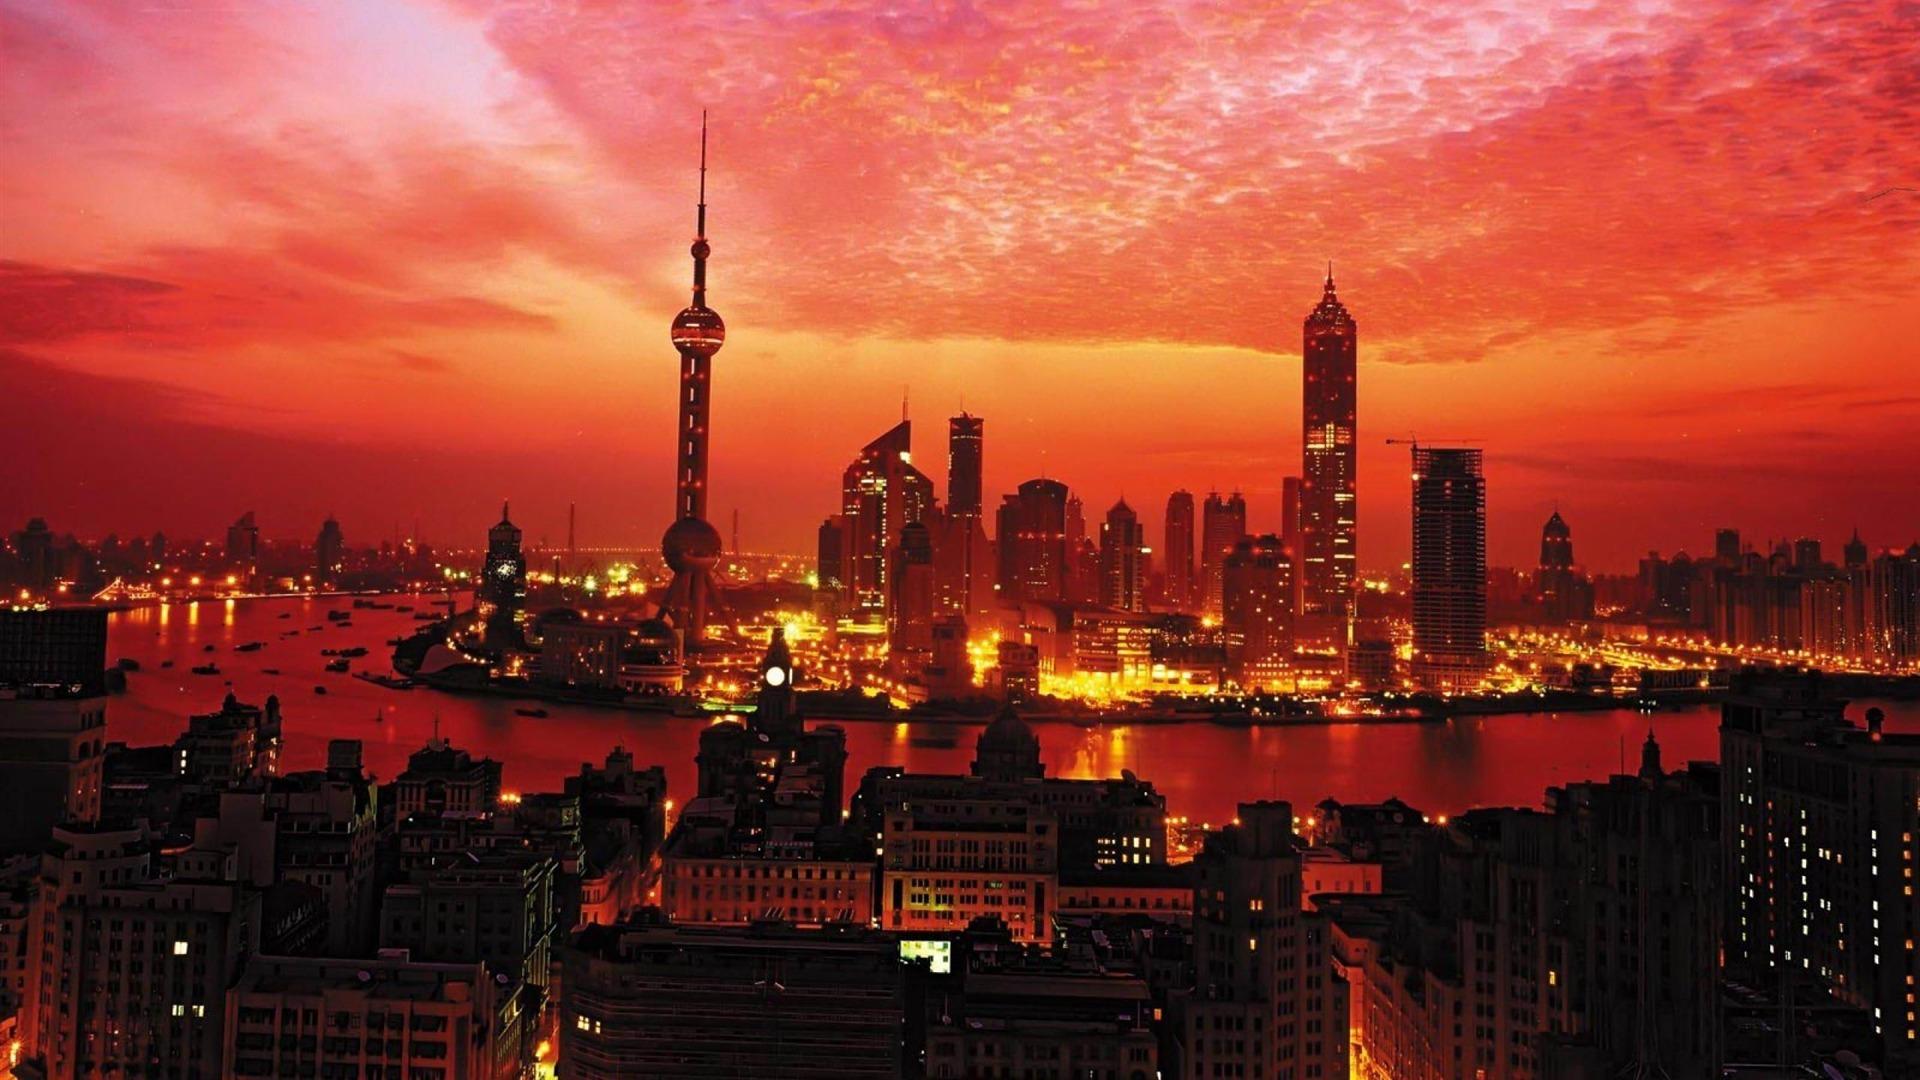 上海サンセット中国 都市建築の壁紙プレビュー 10wallpaper Com